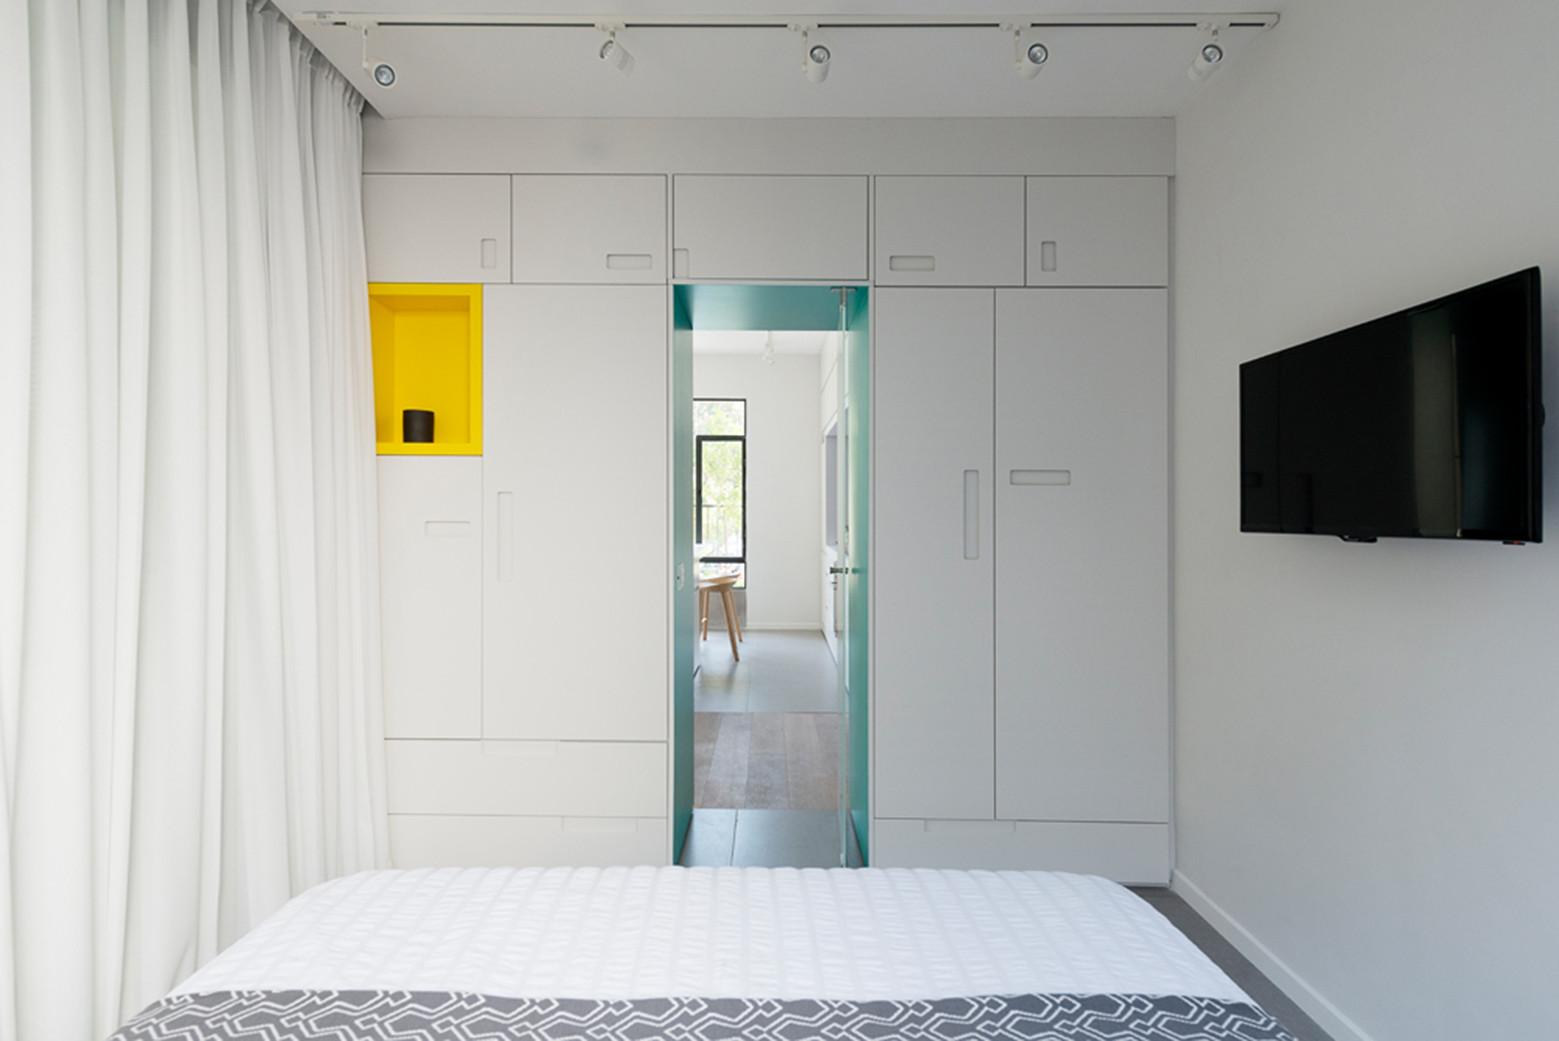 简约风格公寓卧室壁柜装修效果图